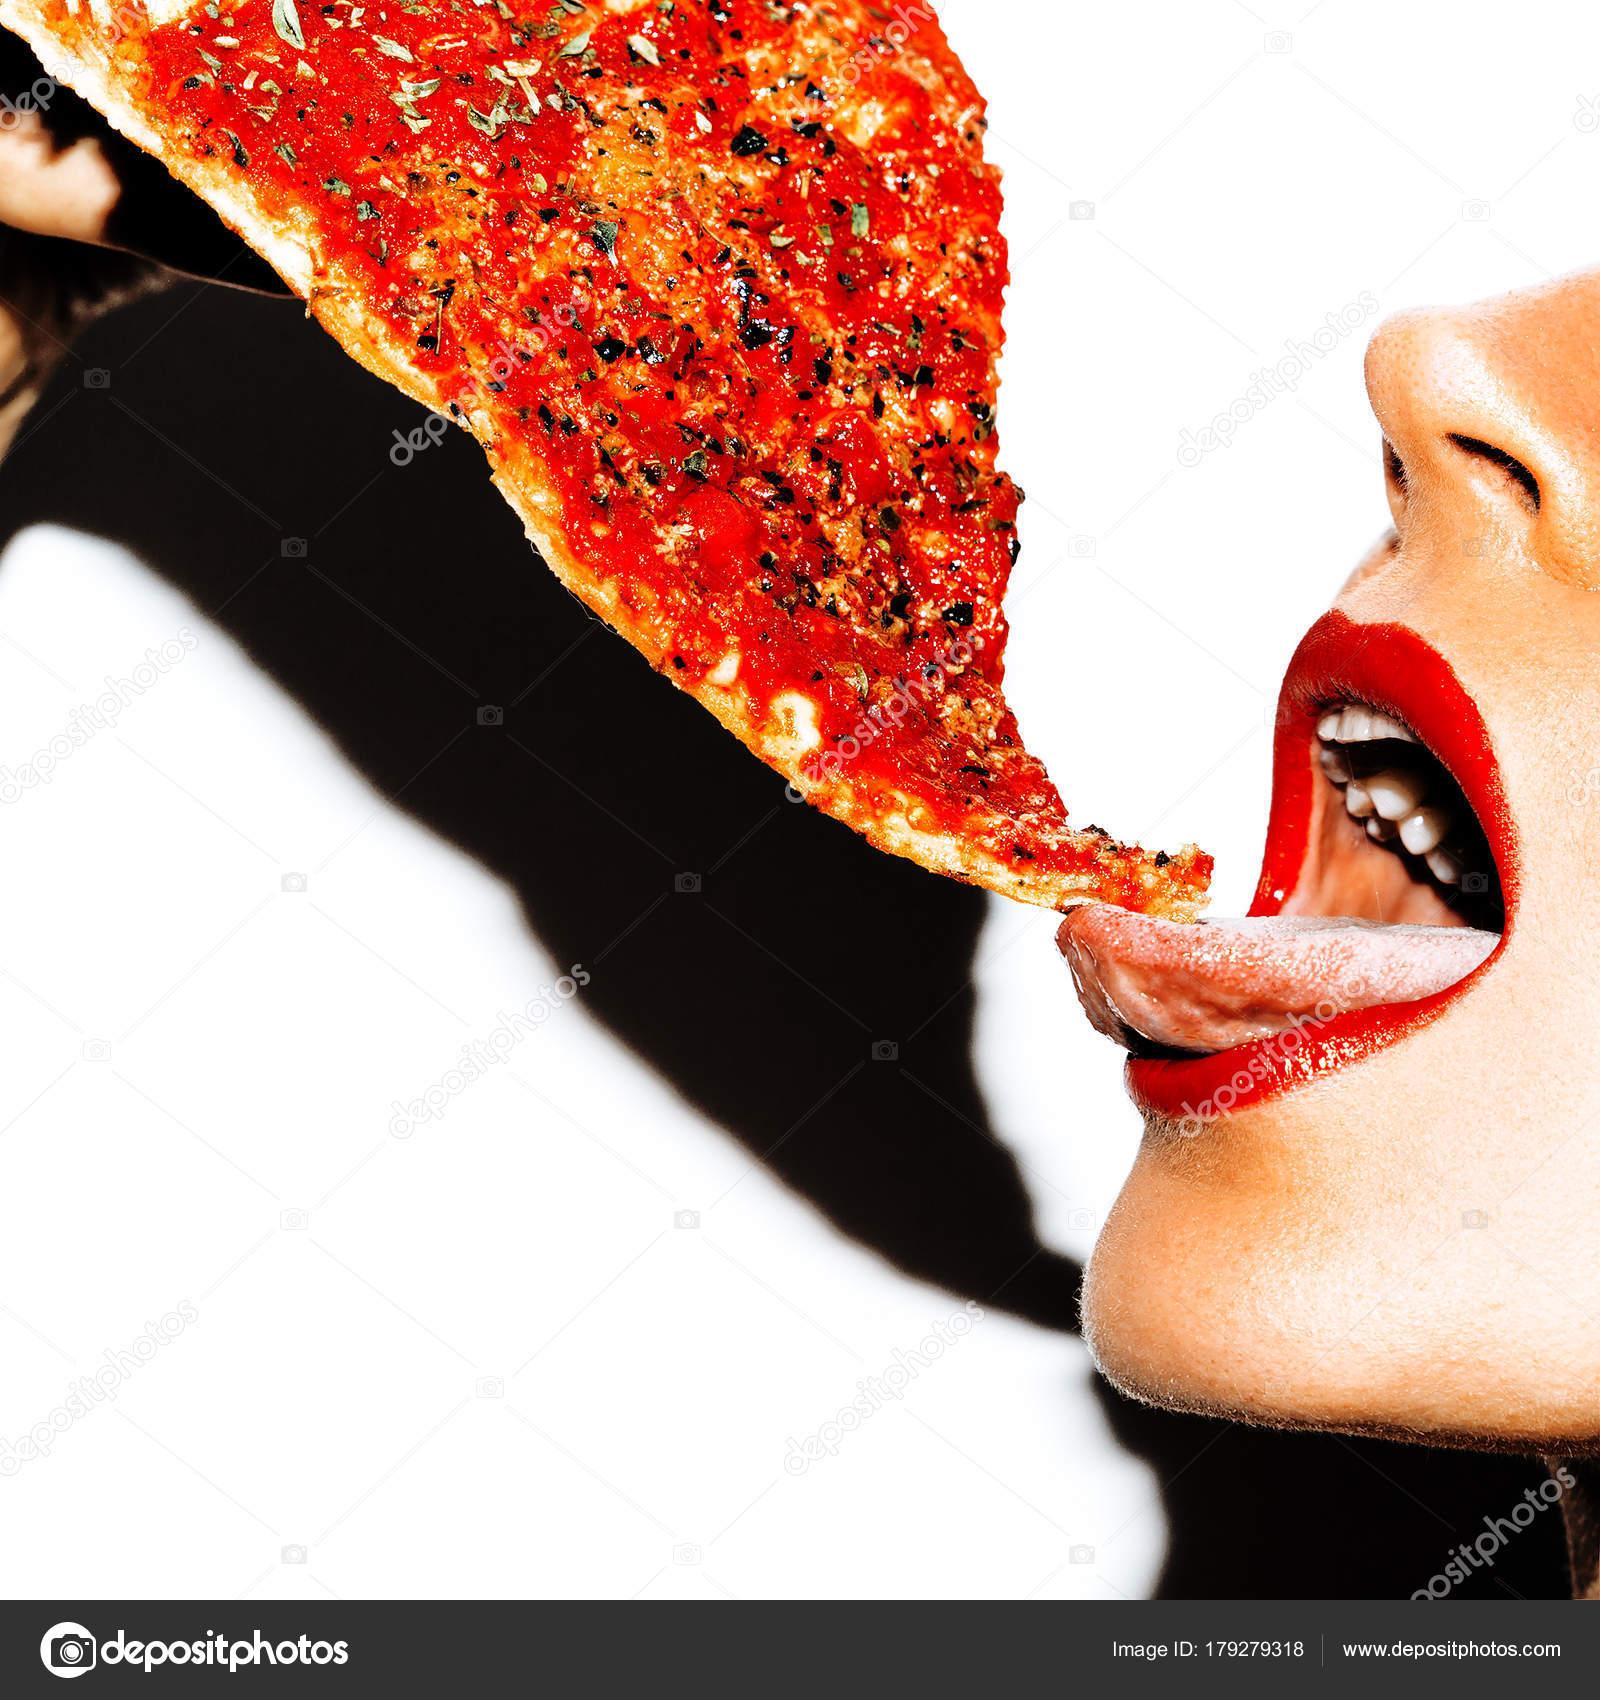 Porn chili pepper